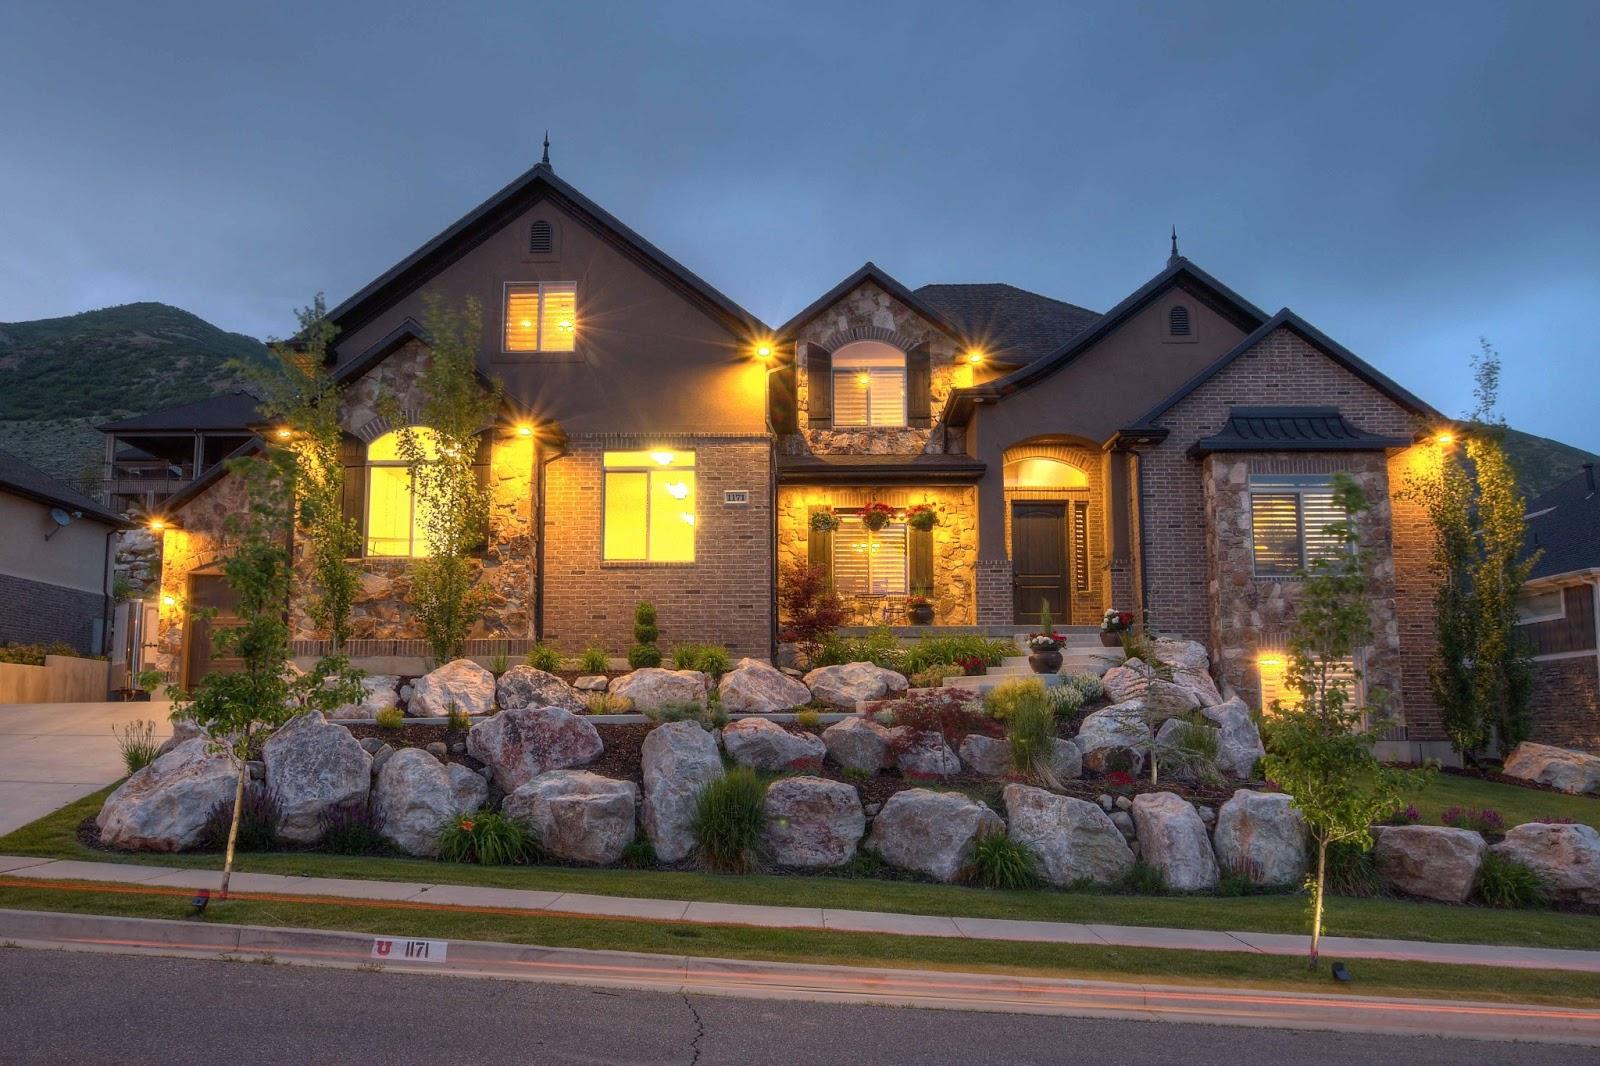 Castle Creek Homes Utah 39 S Premier Home Builder